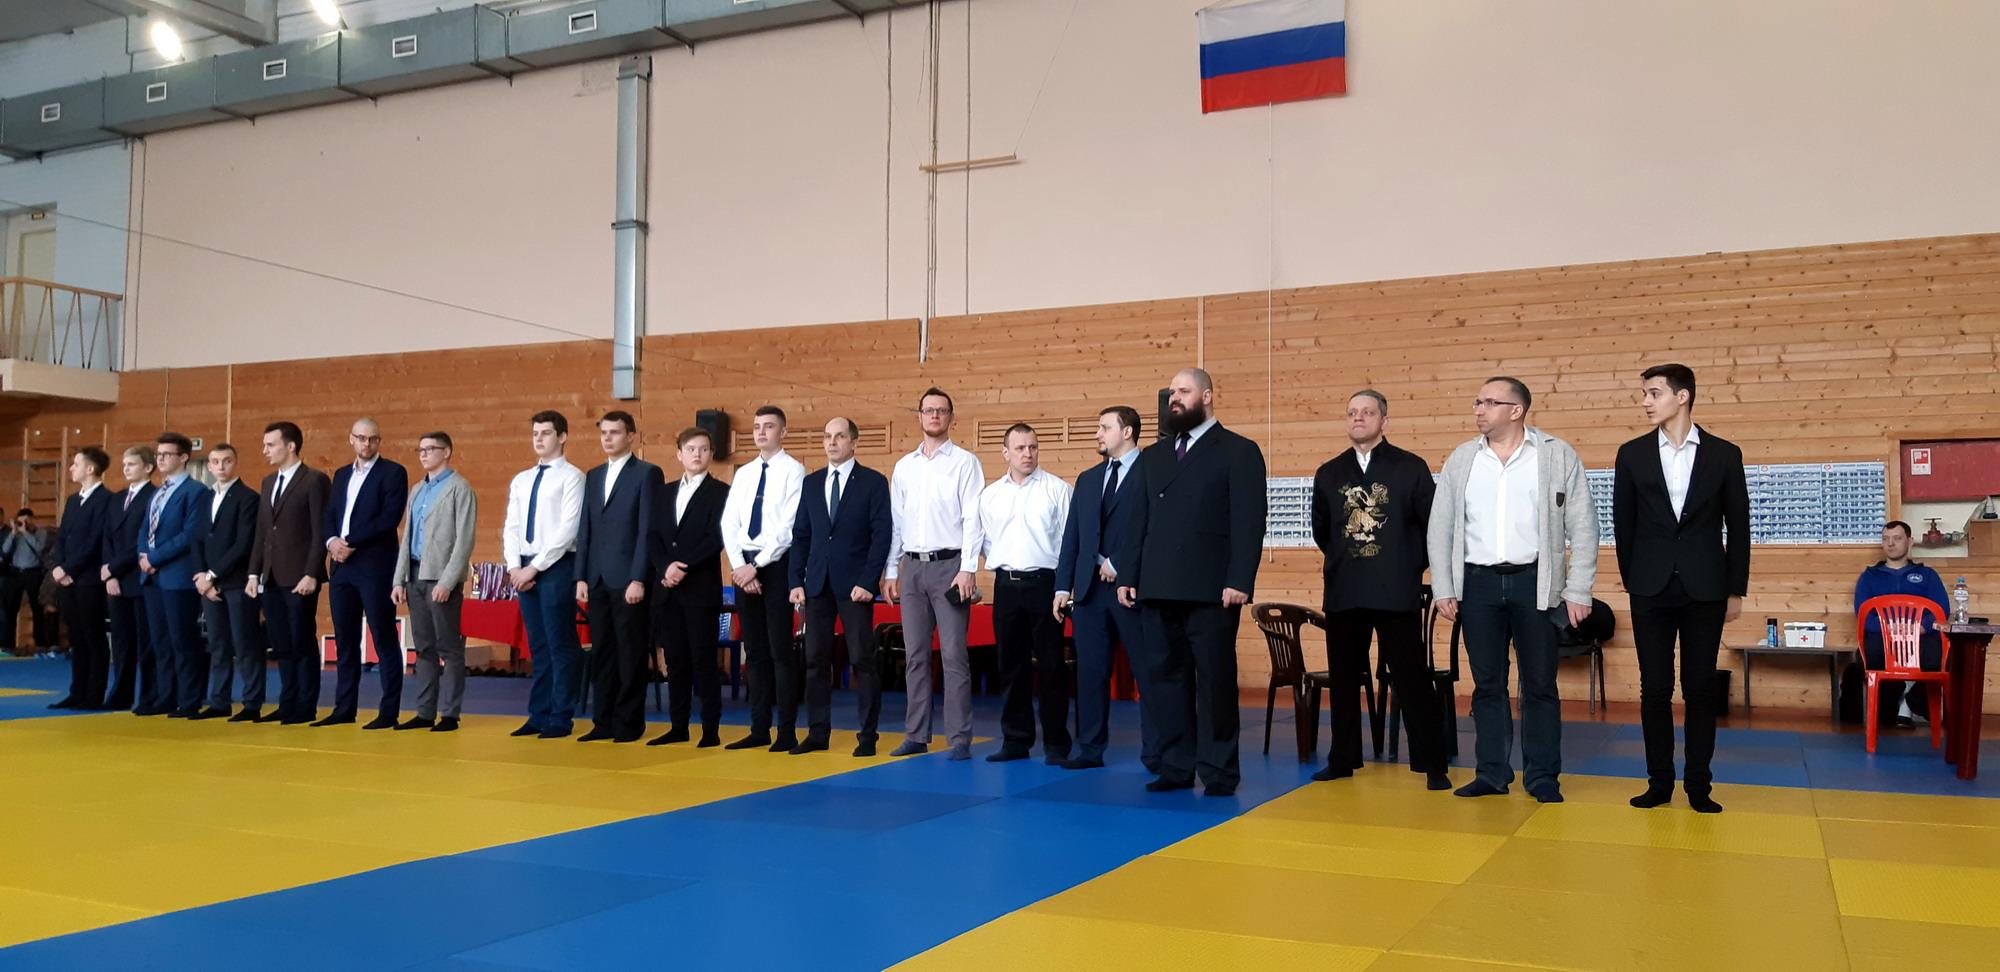 Успешно прошло Первенство Санкт-Петербурга по Айкидзюдзюцу.